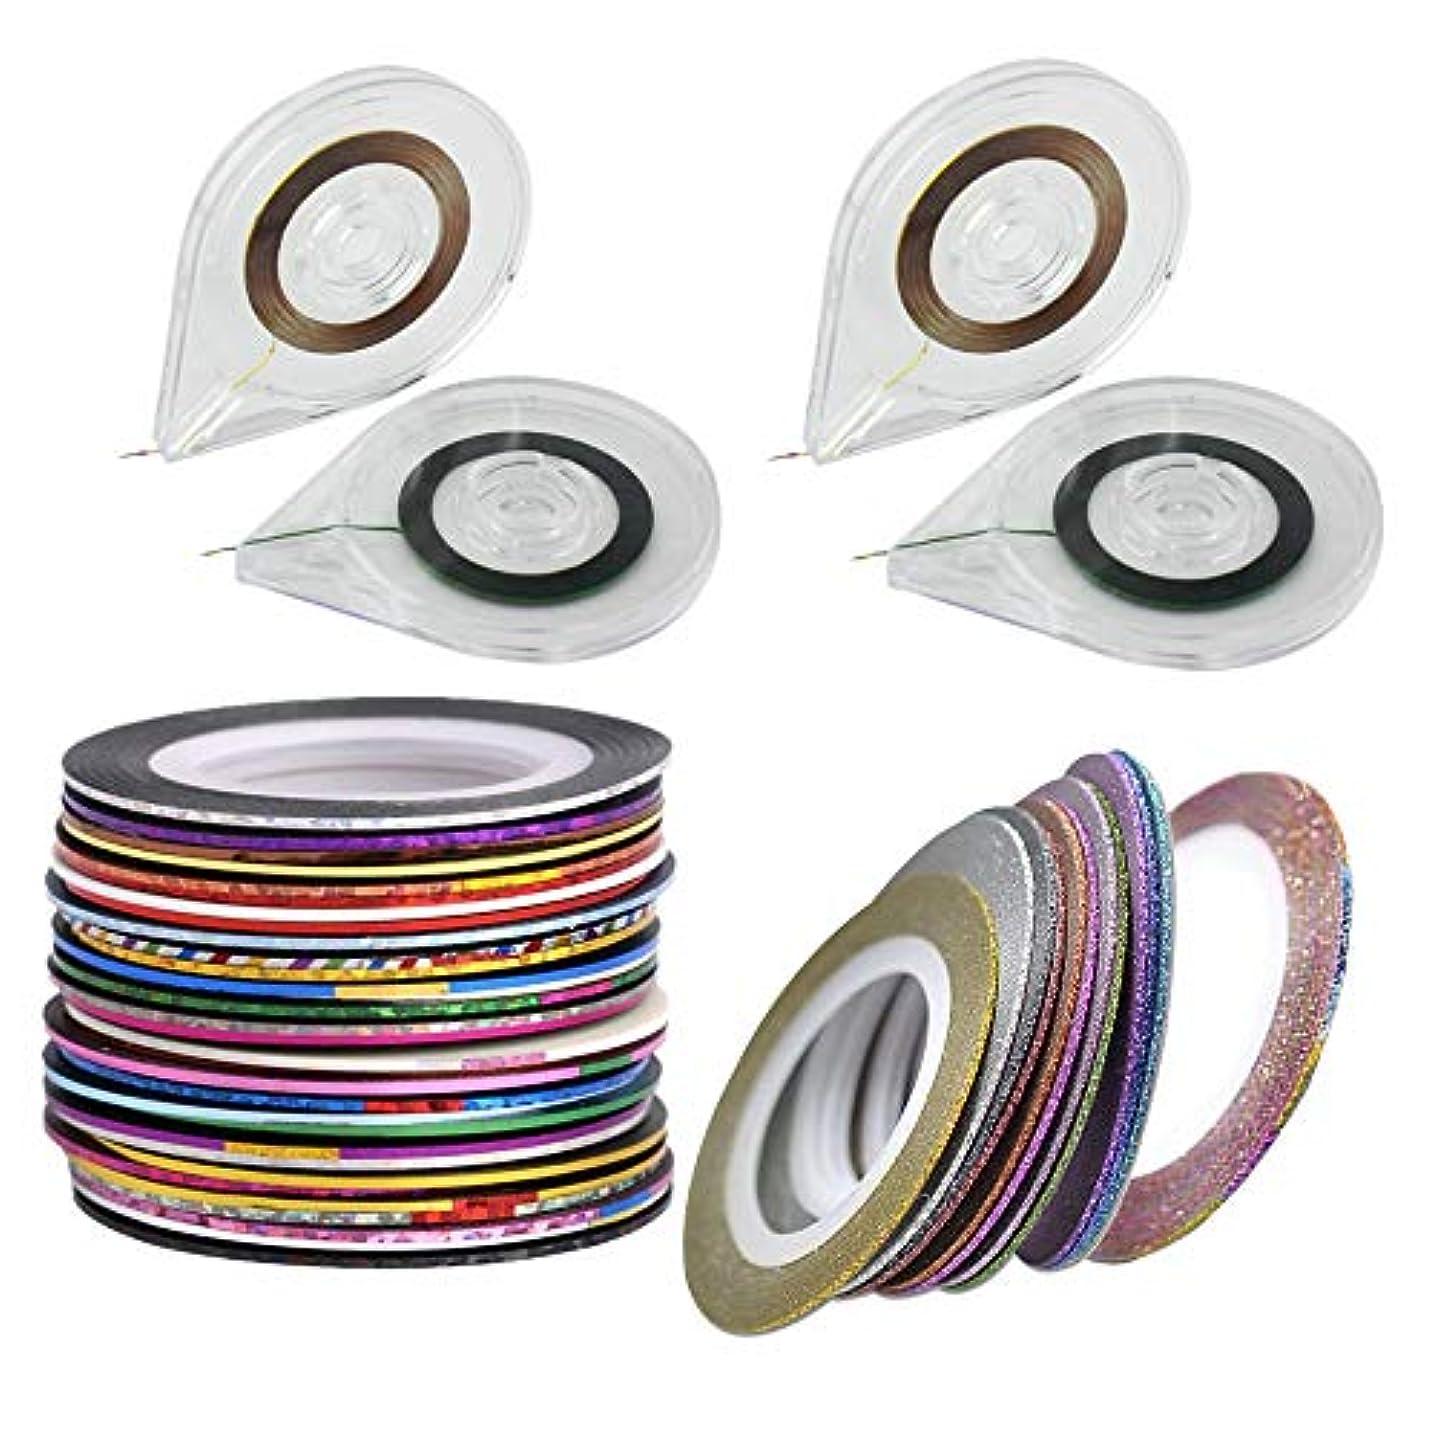 甘味黙認する生き残りますKingsie ネイルアート用 ラインテープ 40色 幅1mm 専用ケース4個付き ラインアートテープ レーザーラインテープ ジェルネイル ネイルパーツ デコパーツ